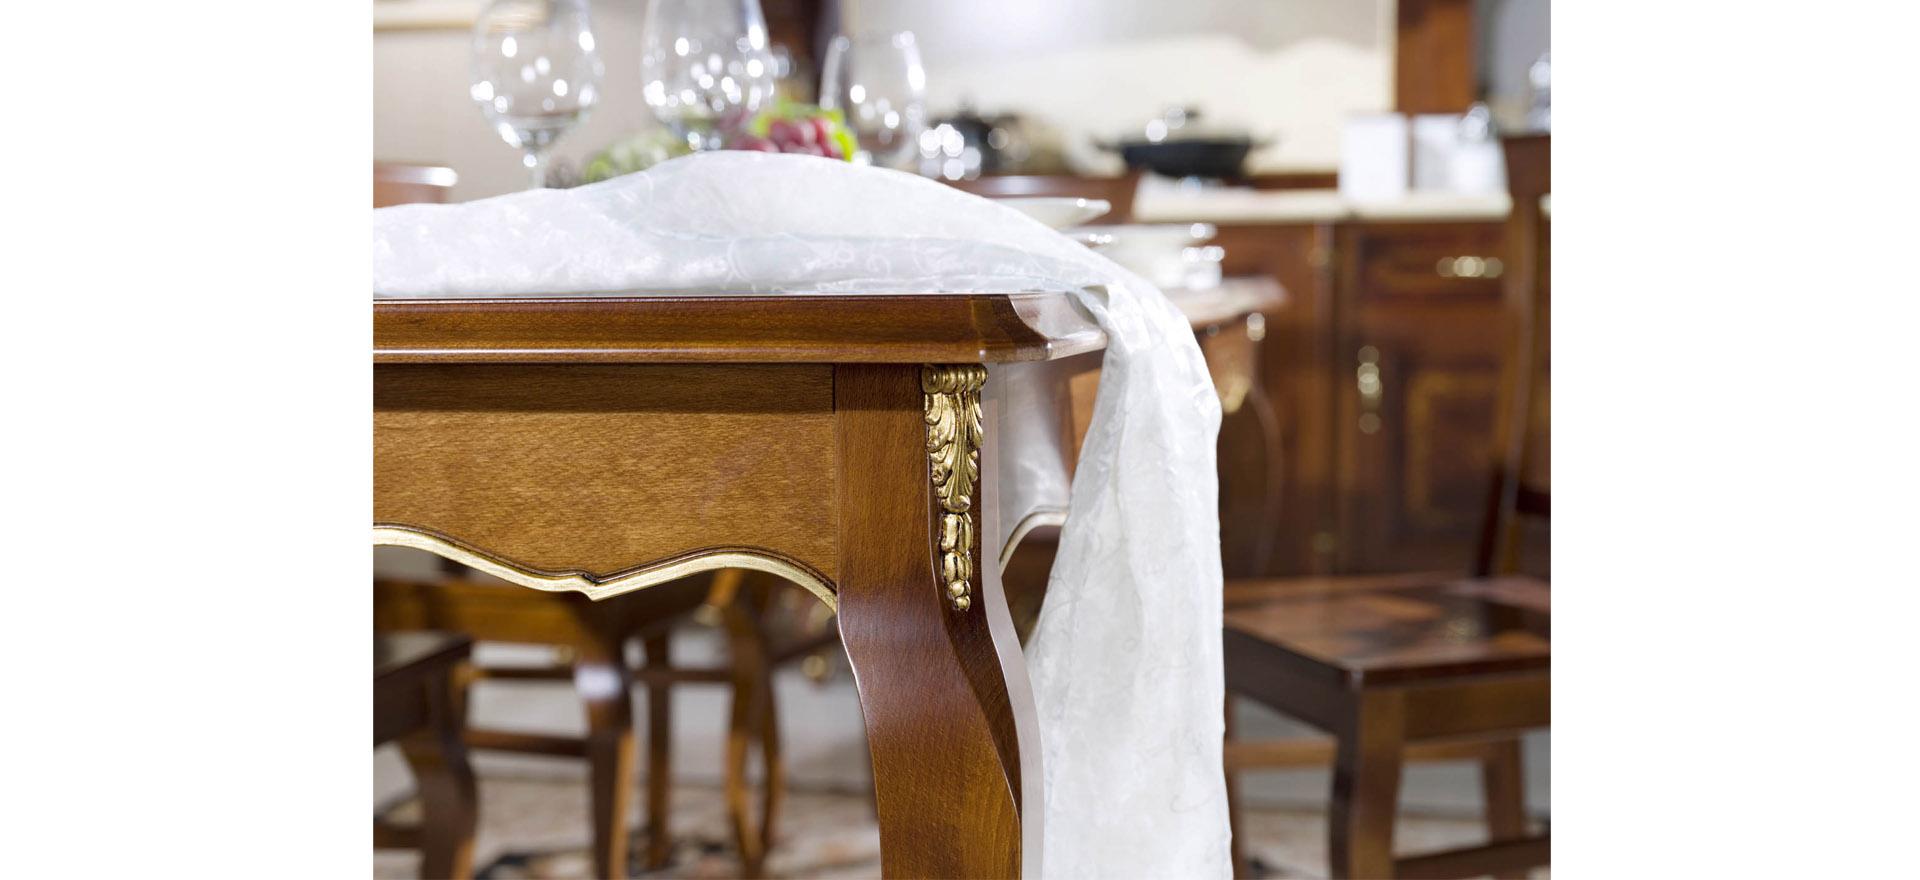 cucina-rondo-tavolo-particolare